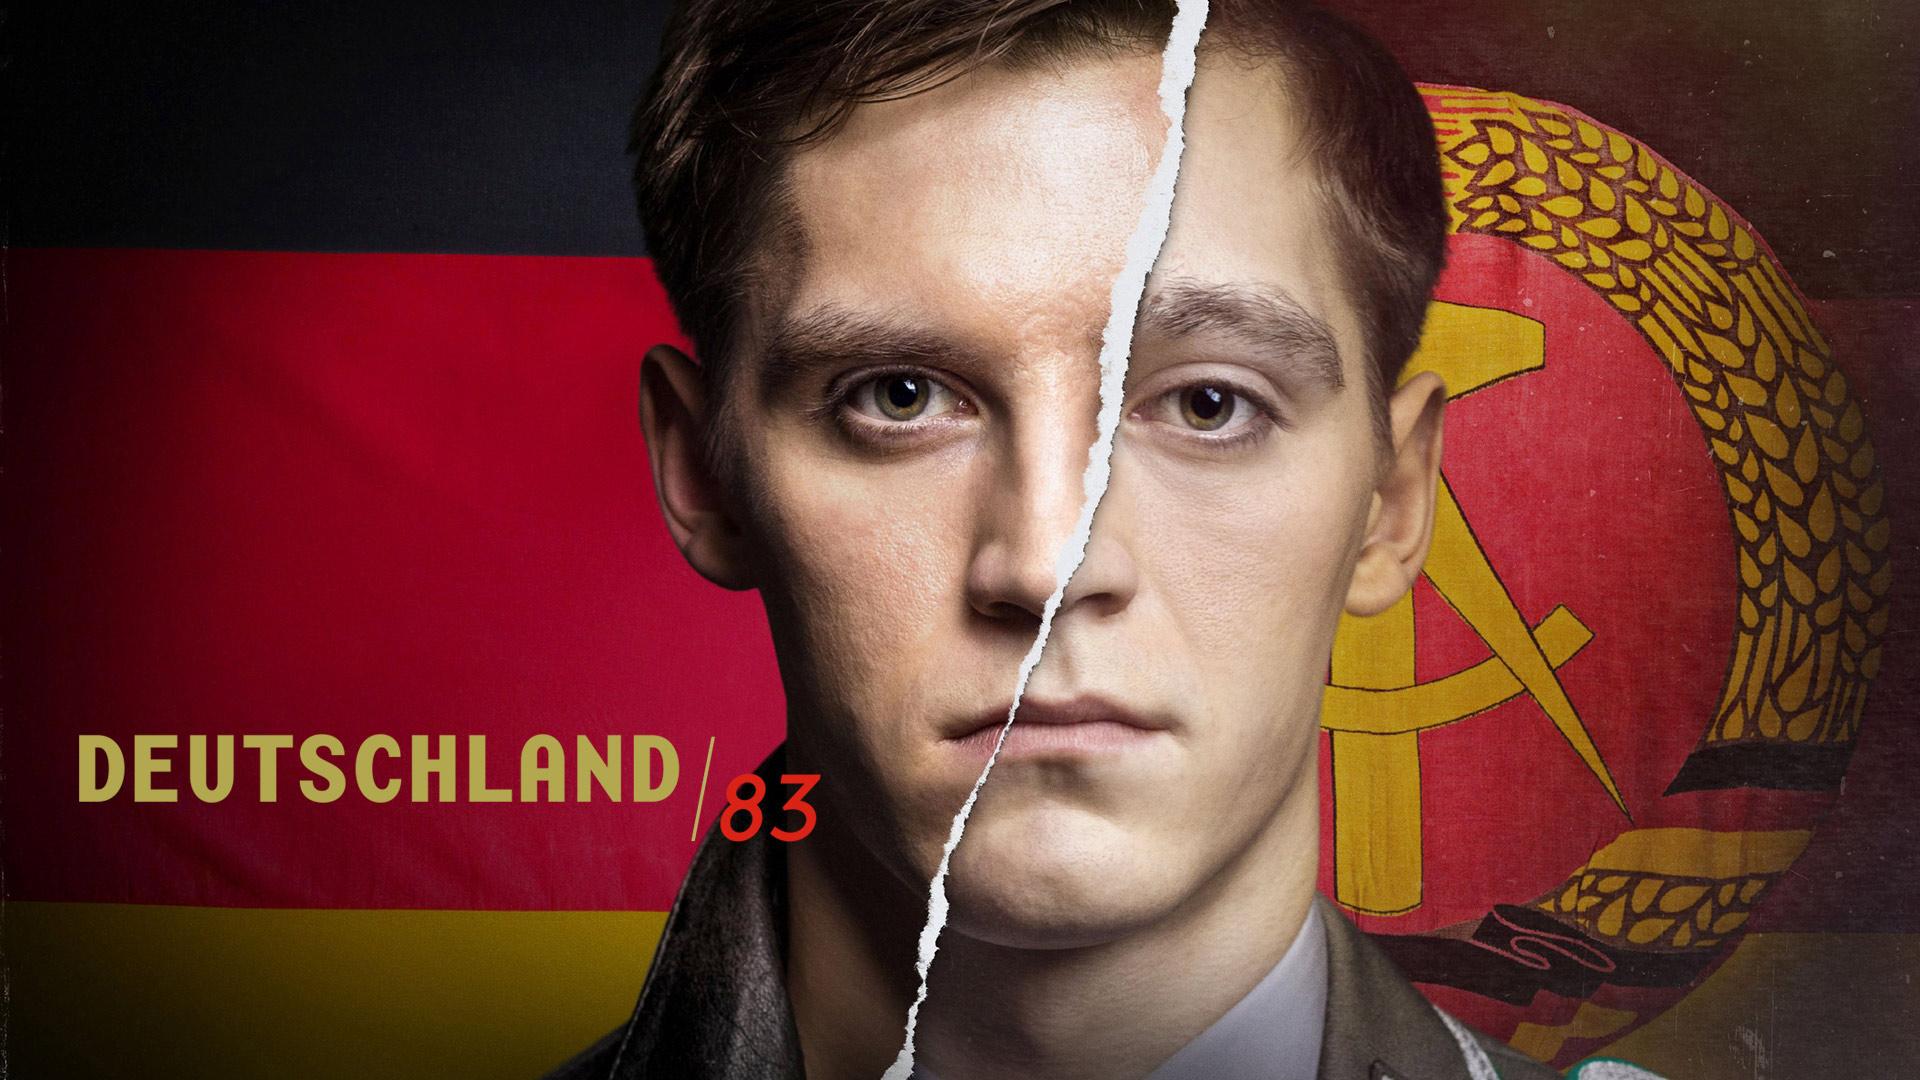 Beste Gestaltung Print: RTL Deutschland 83